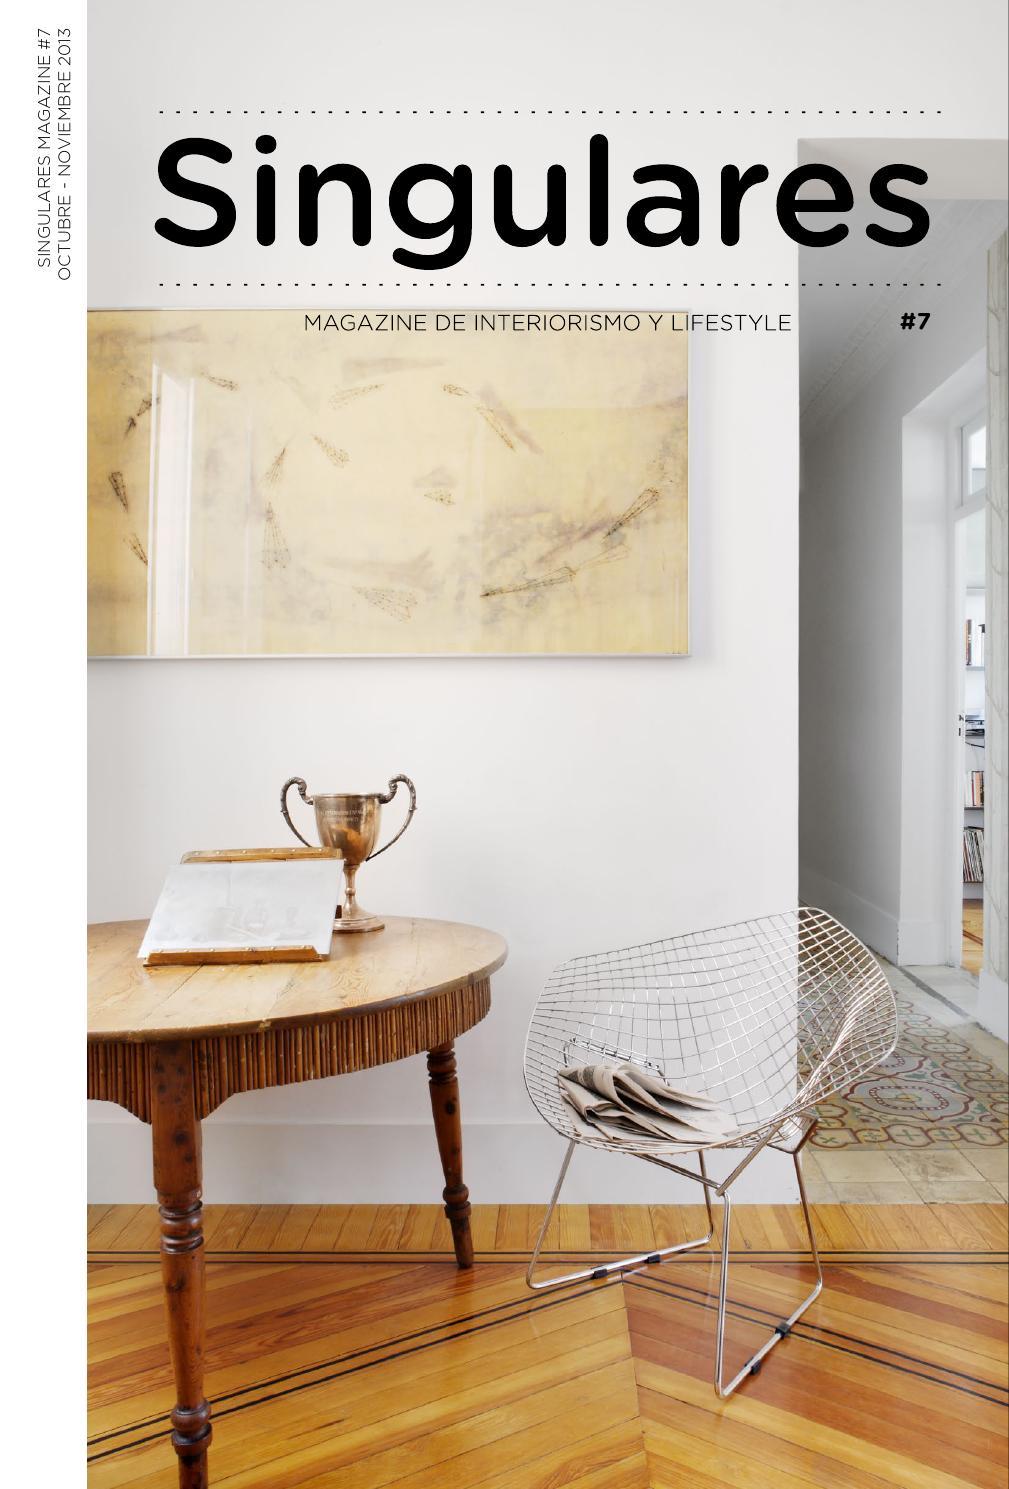 Singulares magazine 7 by singulares magazine issuu for Almacenes poveda